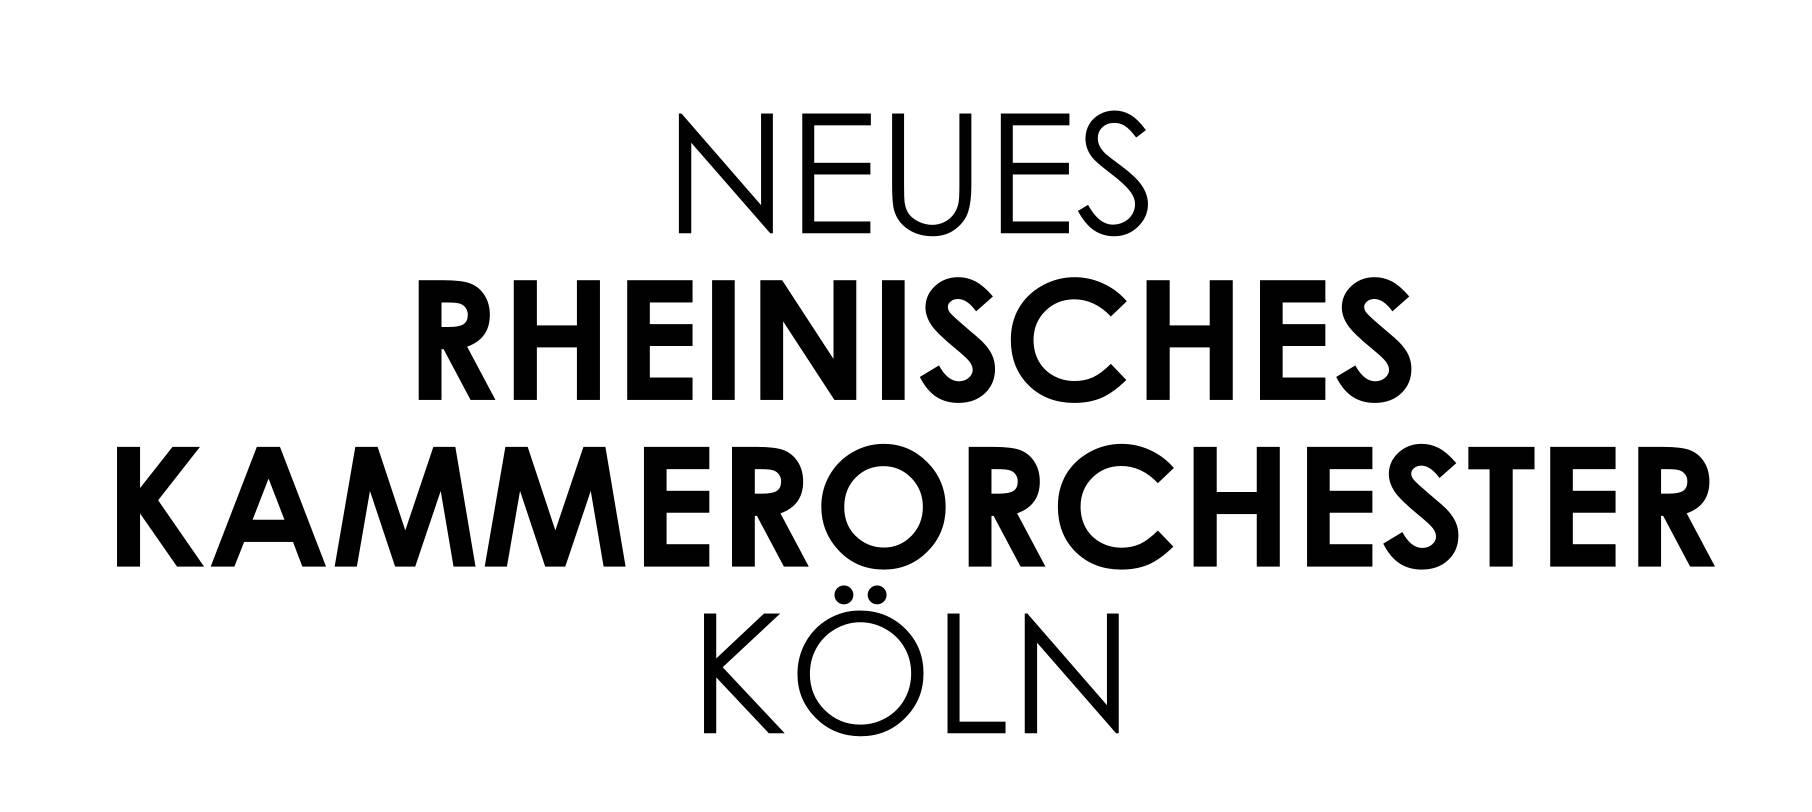 Neues Rheinisches Kammerorchester